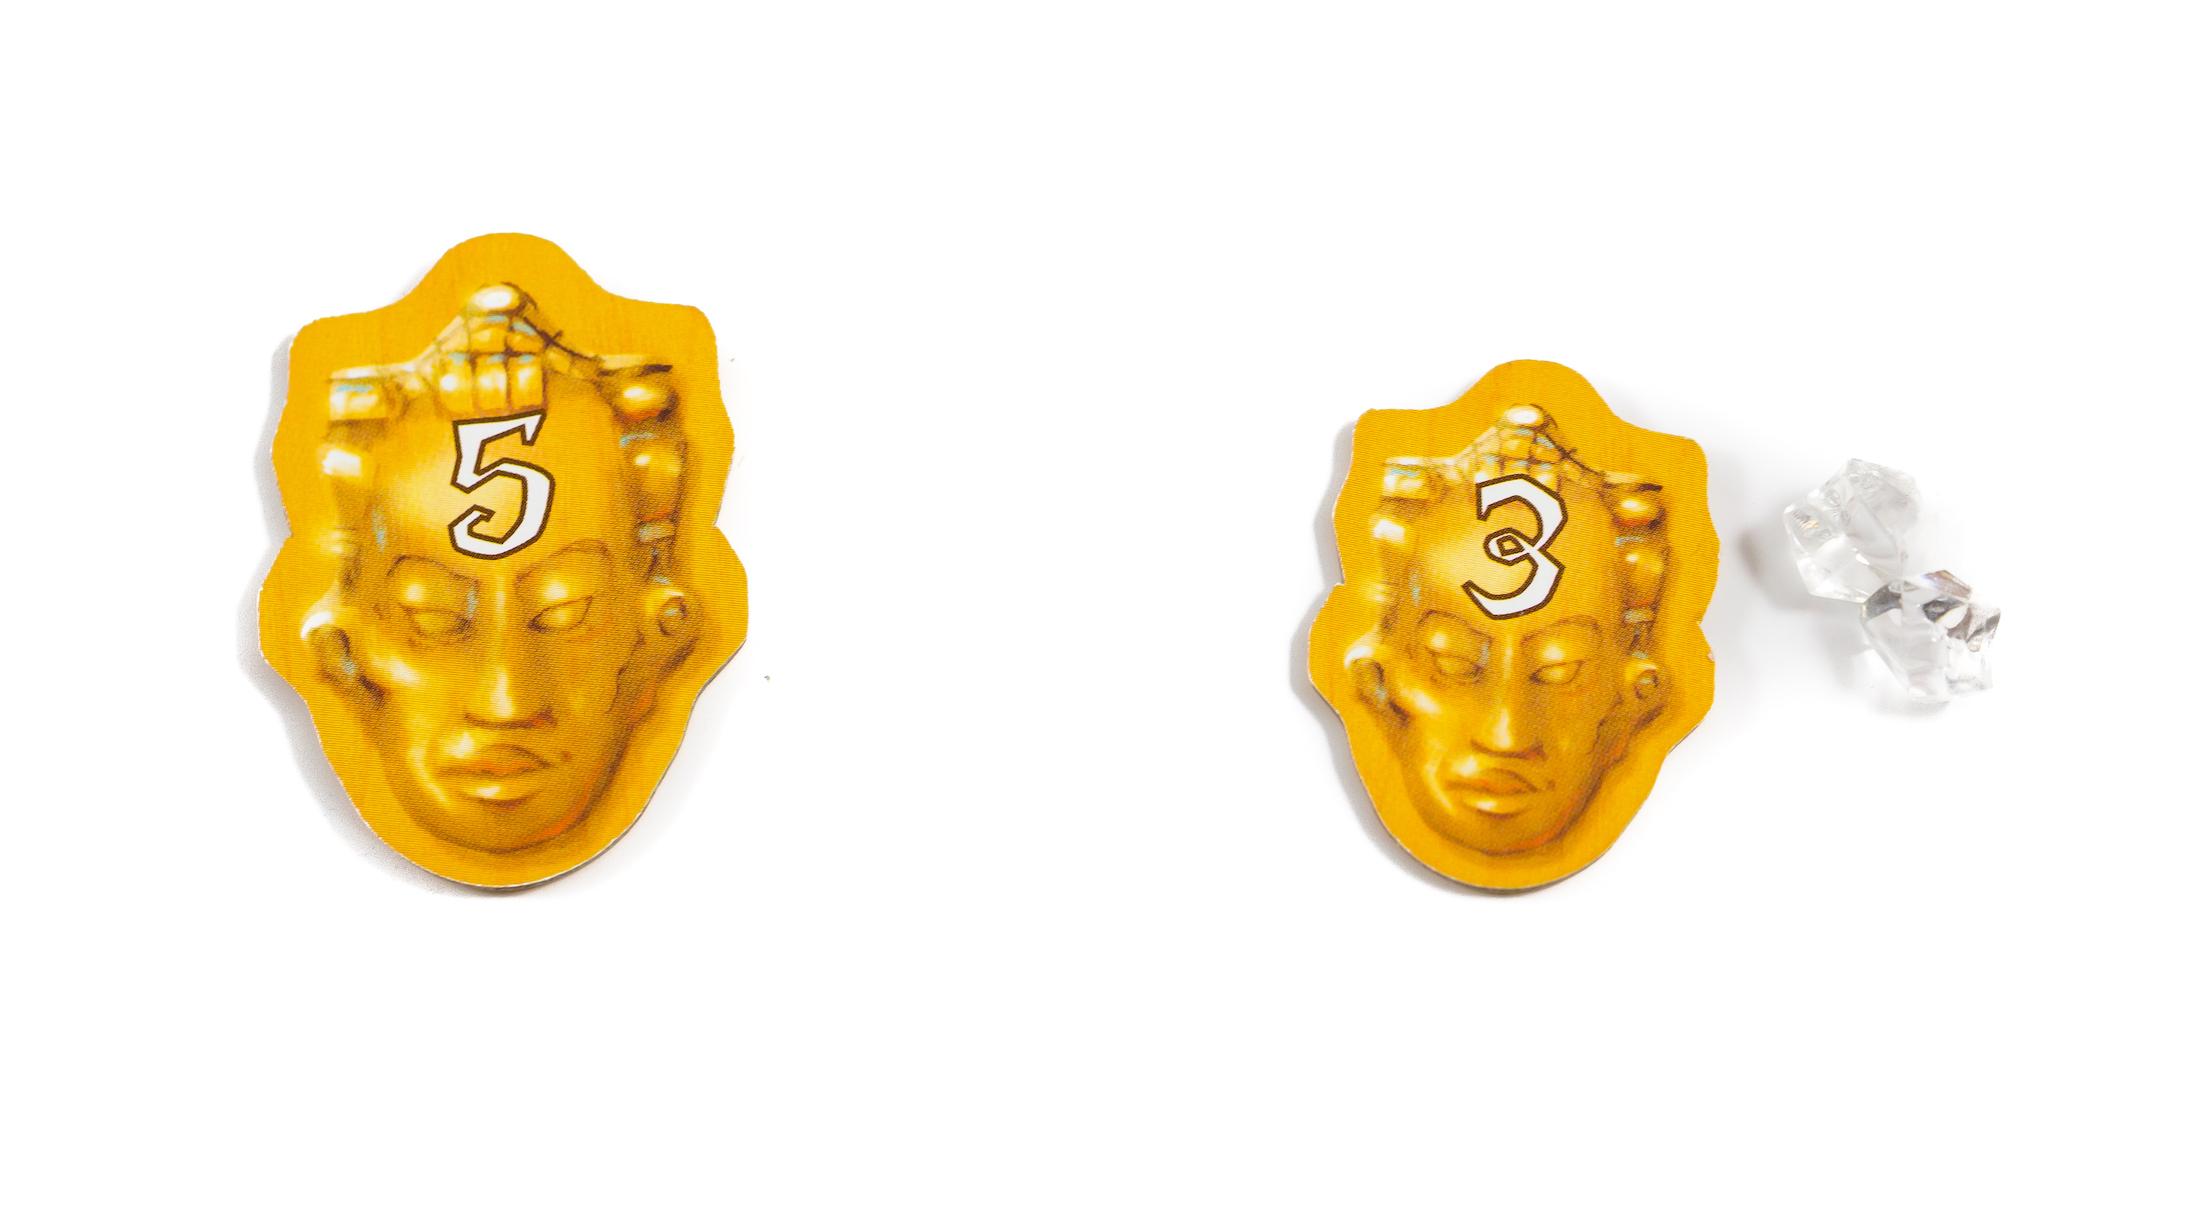 Abban az esetben, ha két játékos egyszerre ér ugyanahhoz a templomhoz, az egyikük elveszi az 5-ös számú kincset, a másik pedig a 3-as számút és hozzá két kristályt. Így ugyanannyi pontot gyűjtöttek a sárga templomnál.